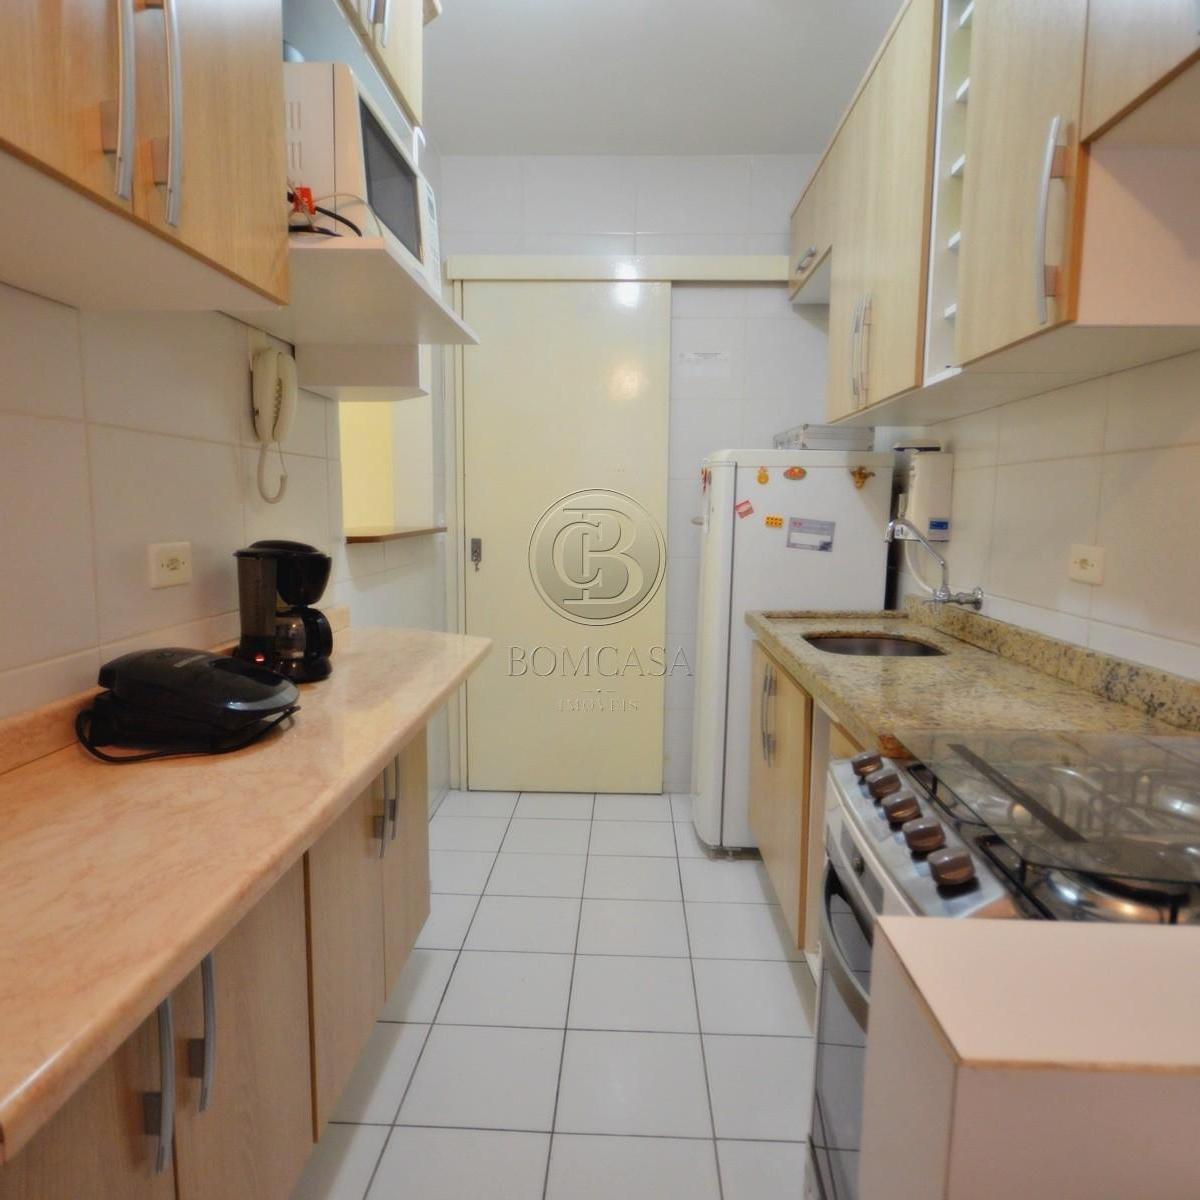 Imagens de #90623B  curitiba fazendinha apartamento à venda na fazendinha cod 1820bc 1200x1200 px 3010 Box Banheiro Curitiba Fazendinha